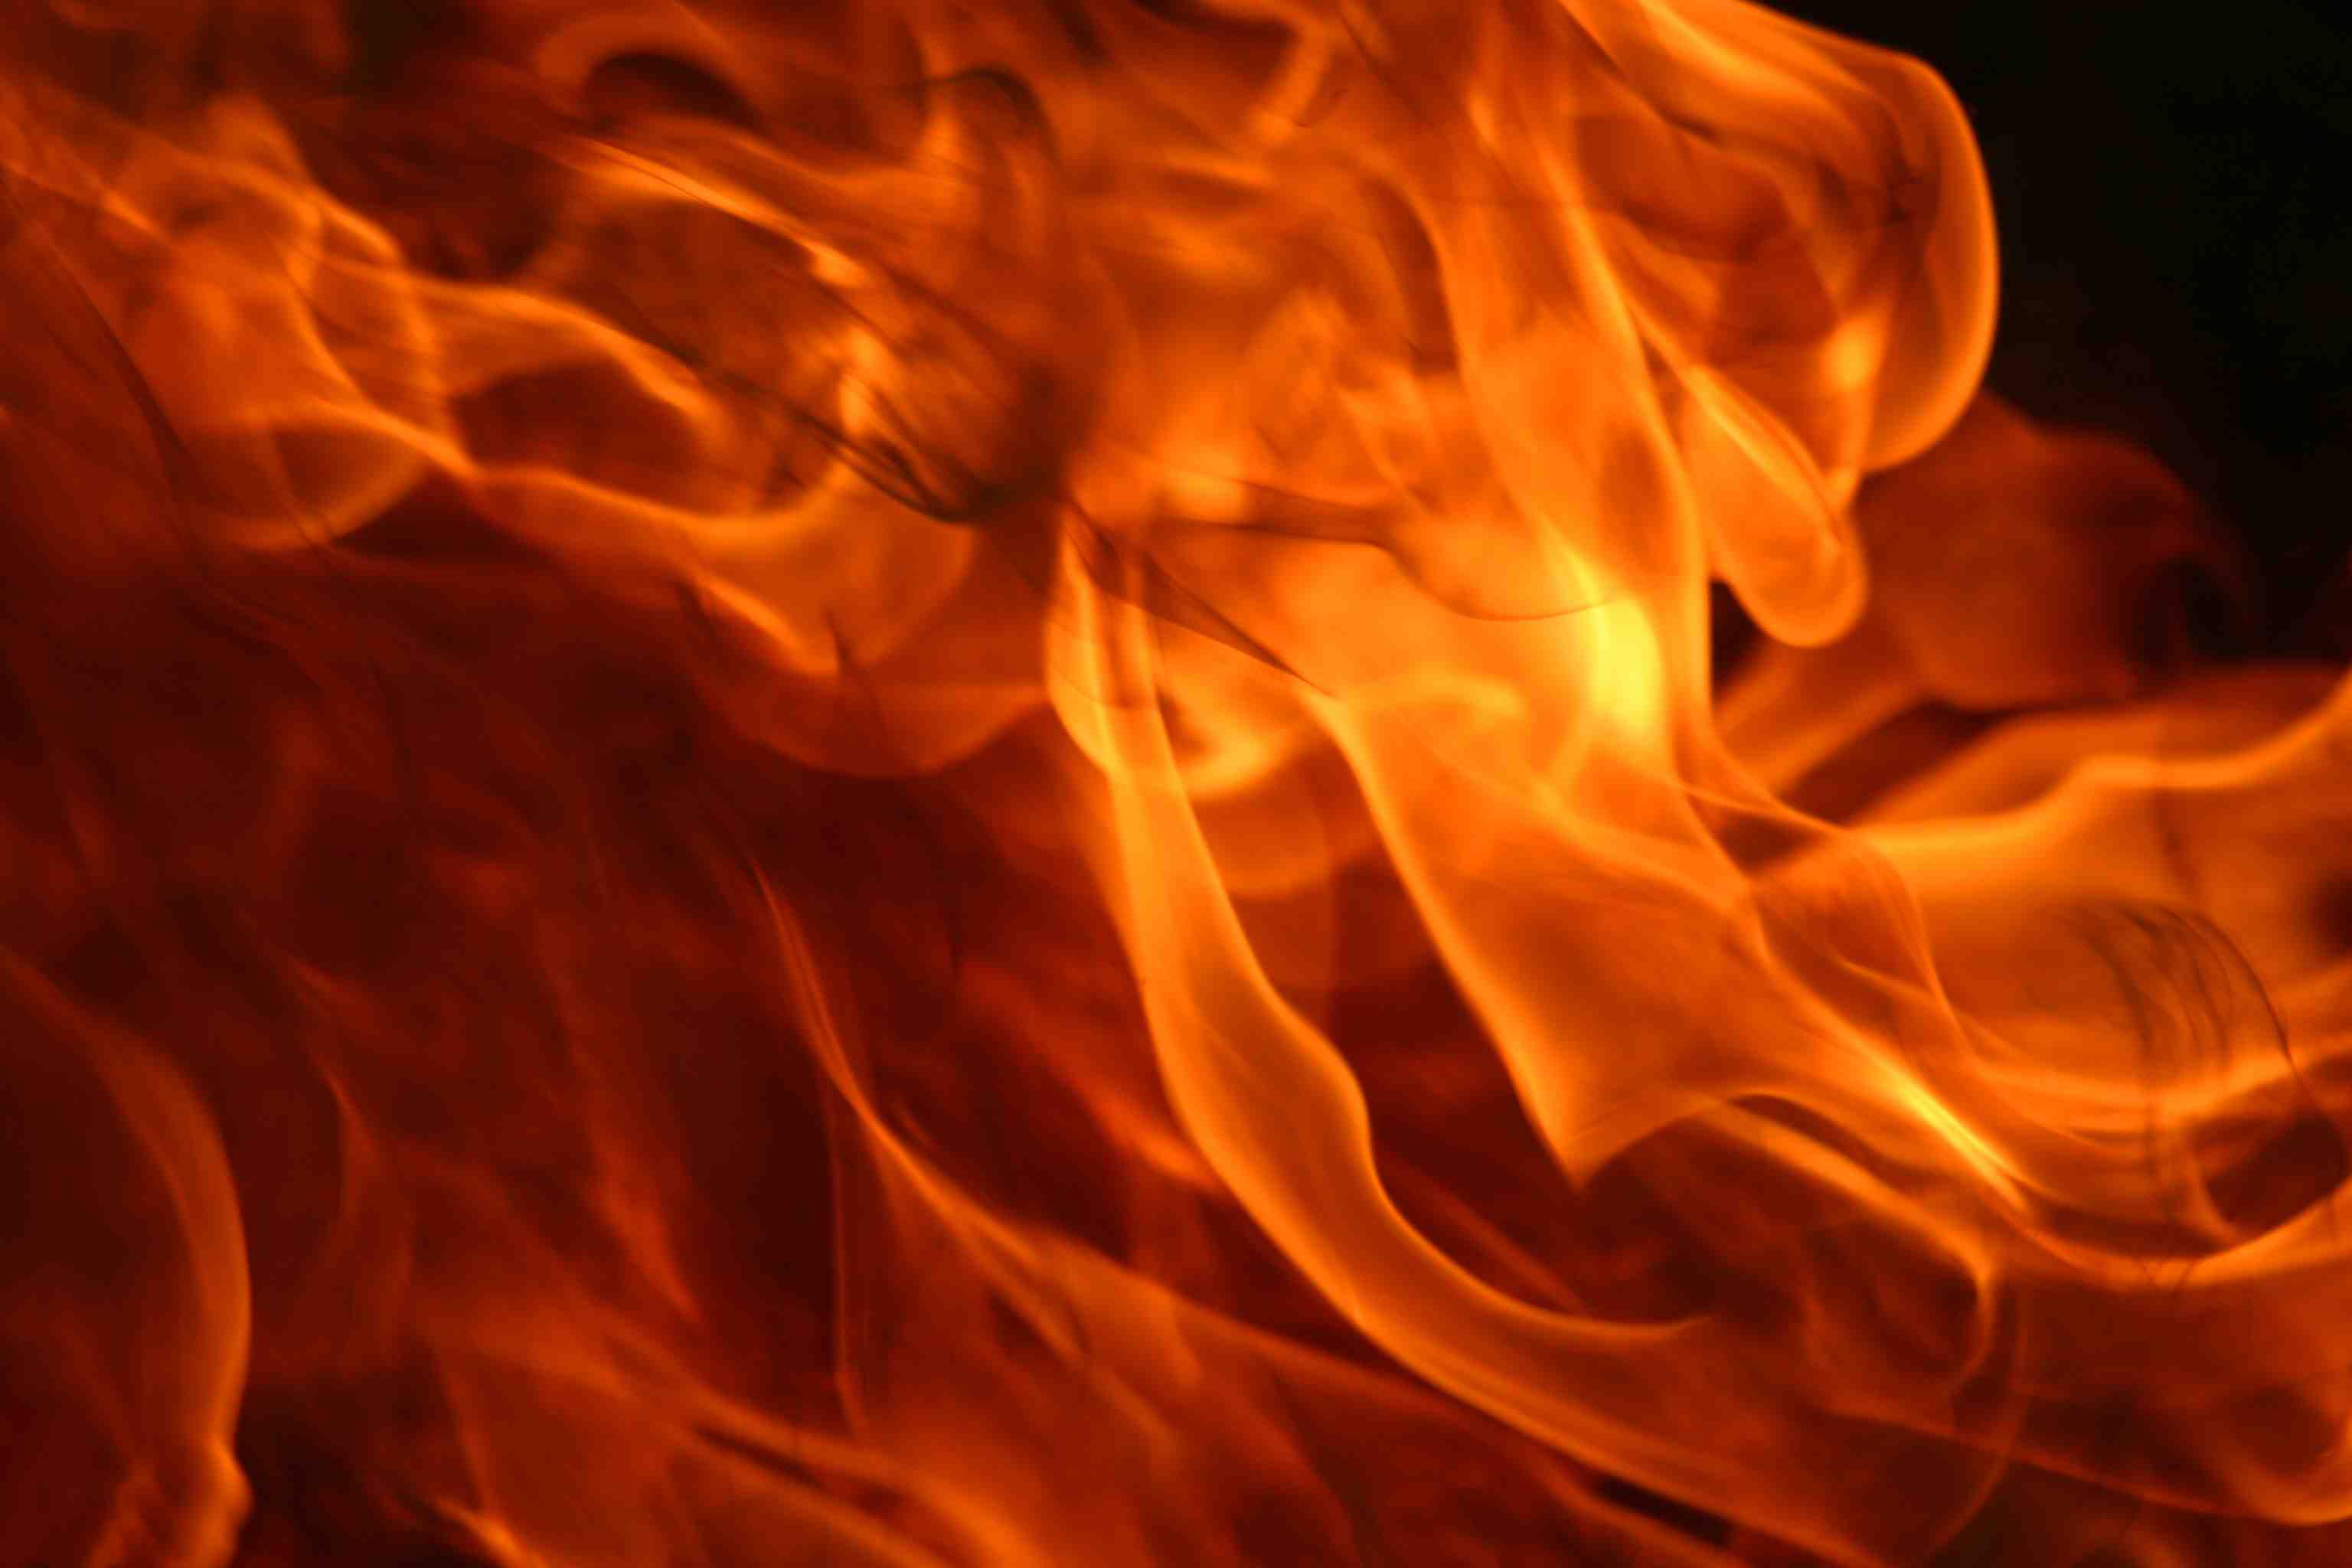 fire wallpaper flames